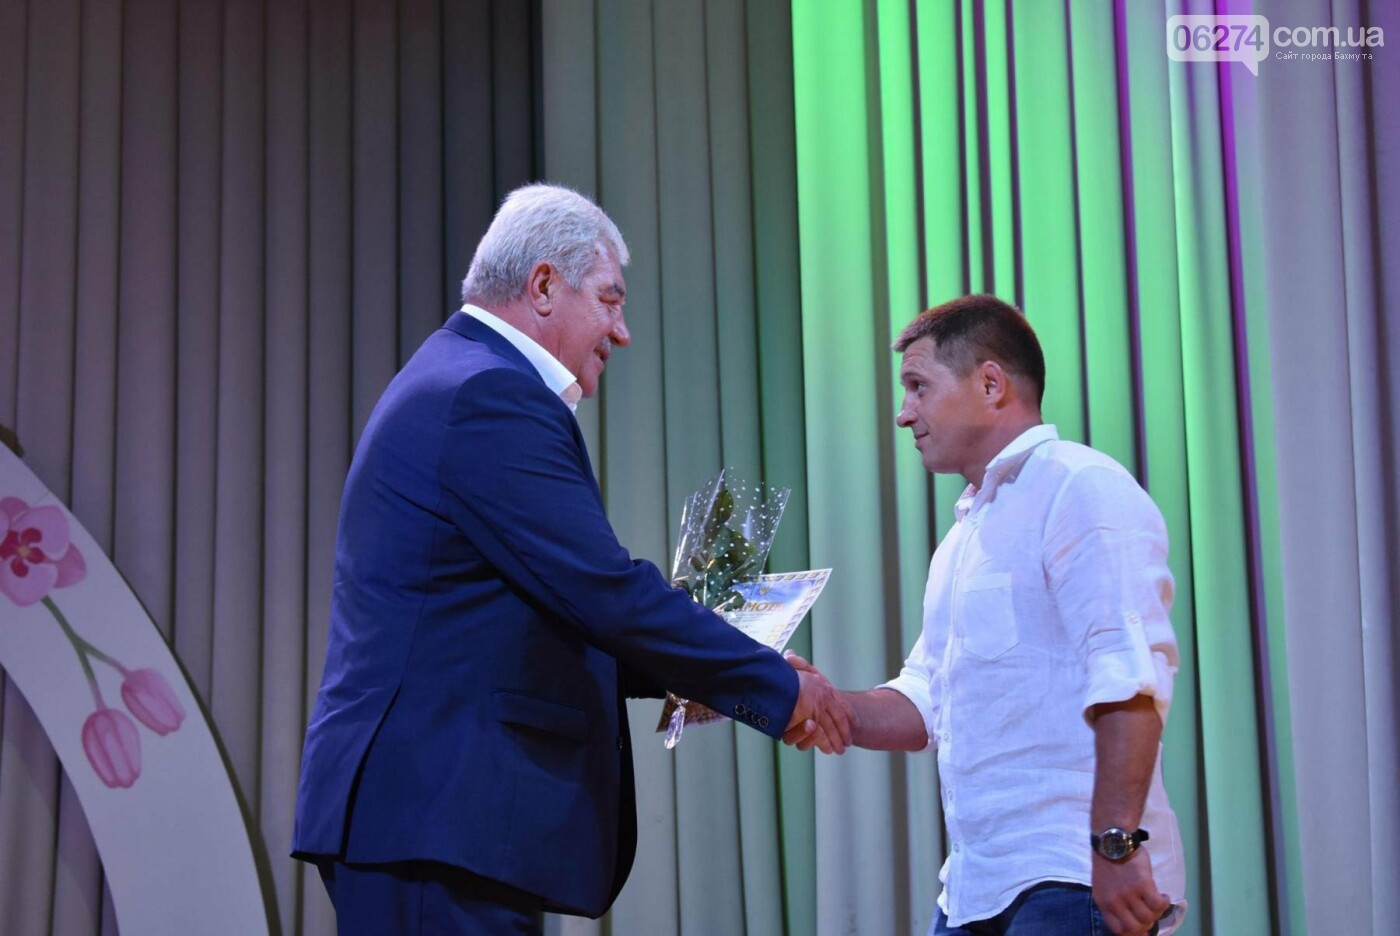 В Бахмуте поздравили работников физической культуры и спорта, фото-4